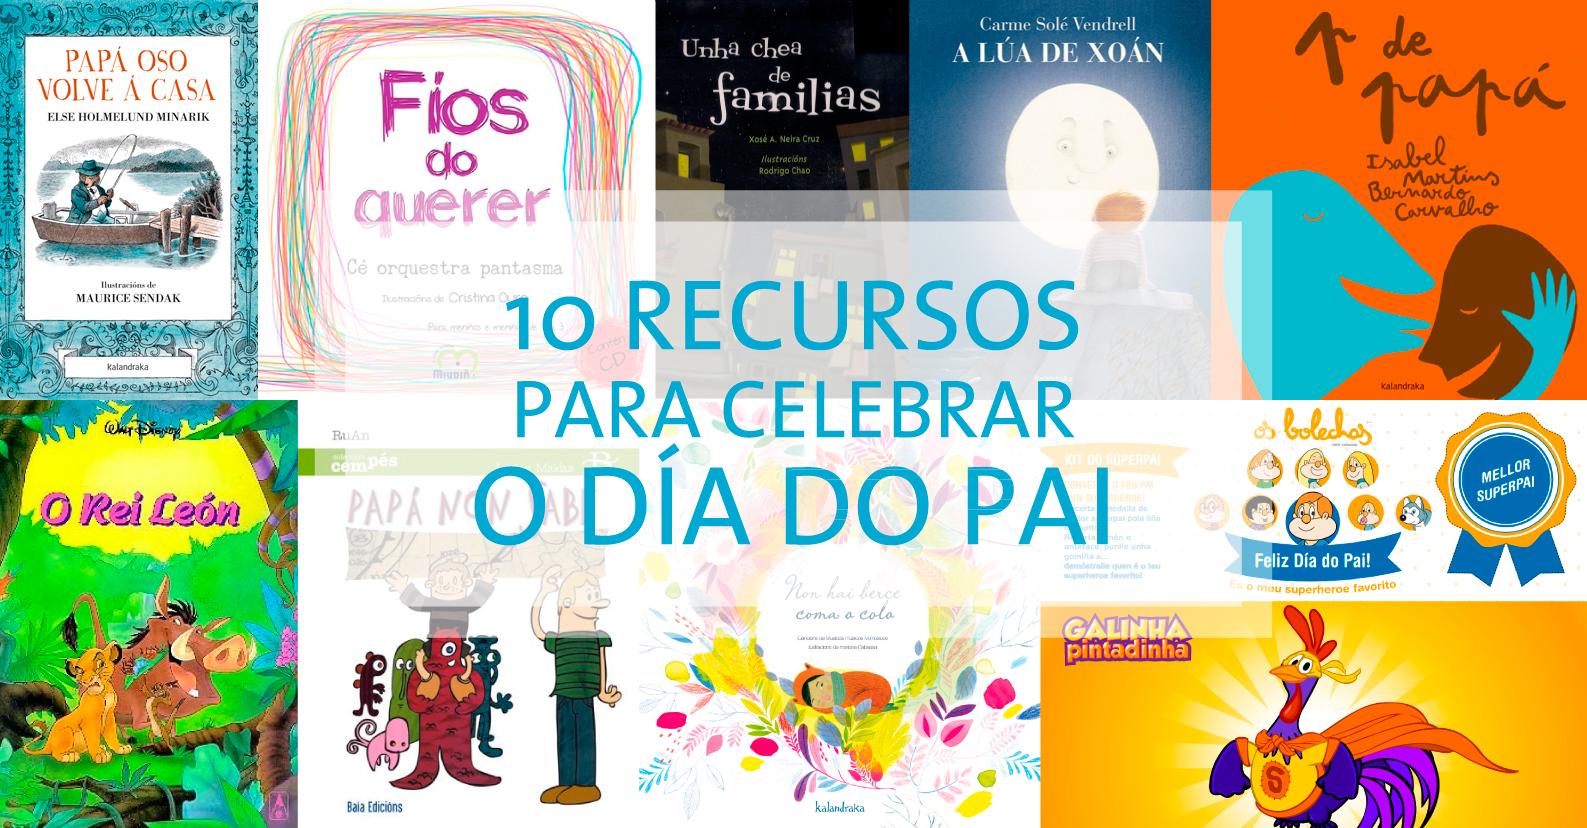 10 Recursos para celebrar o Día do pai